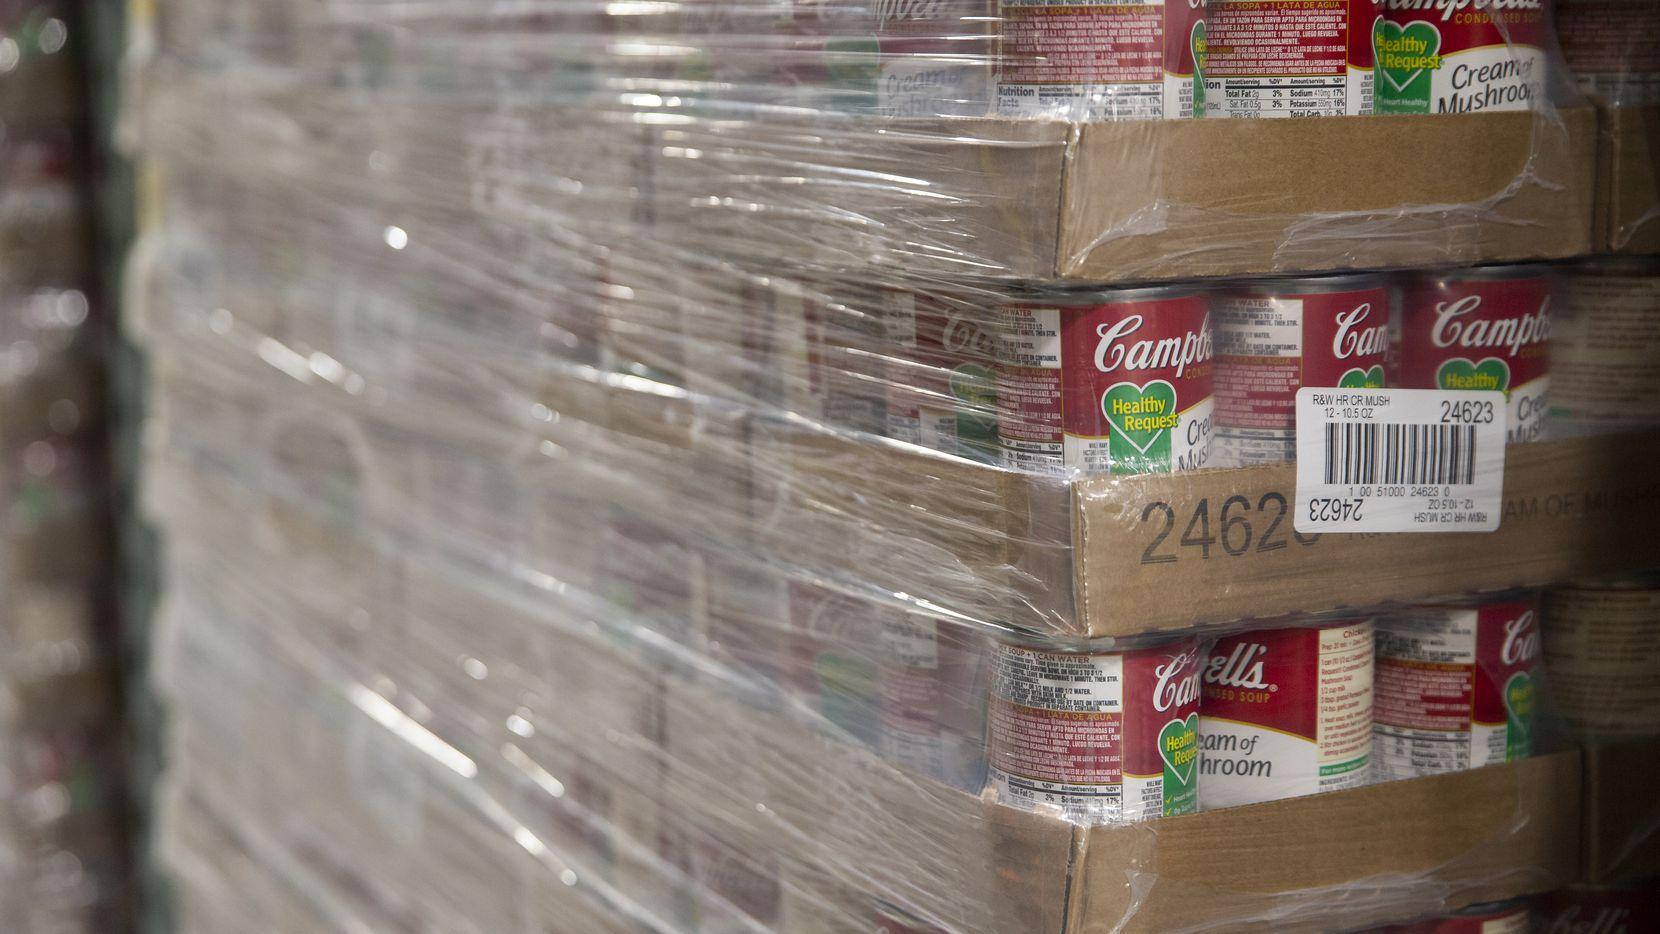 El NTFB suele tener abundante comida enlatada, pero en la actual crisis algunos alimentos están escaseando, dijeron.